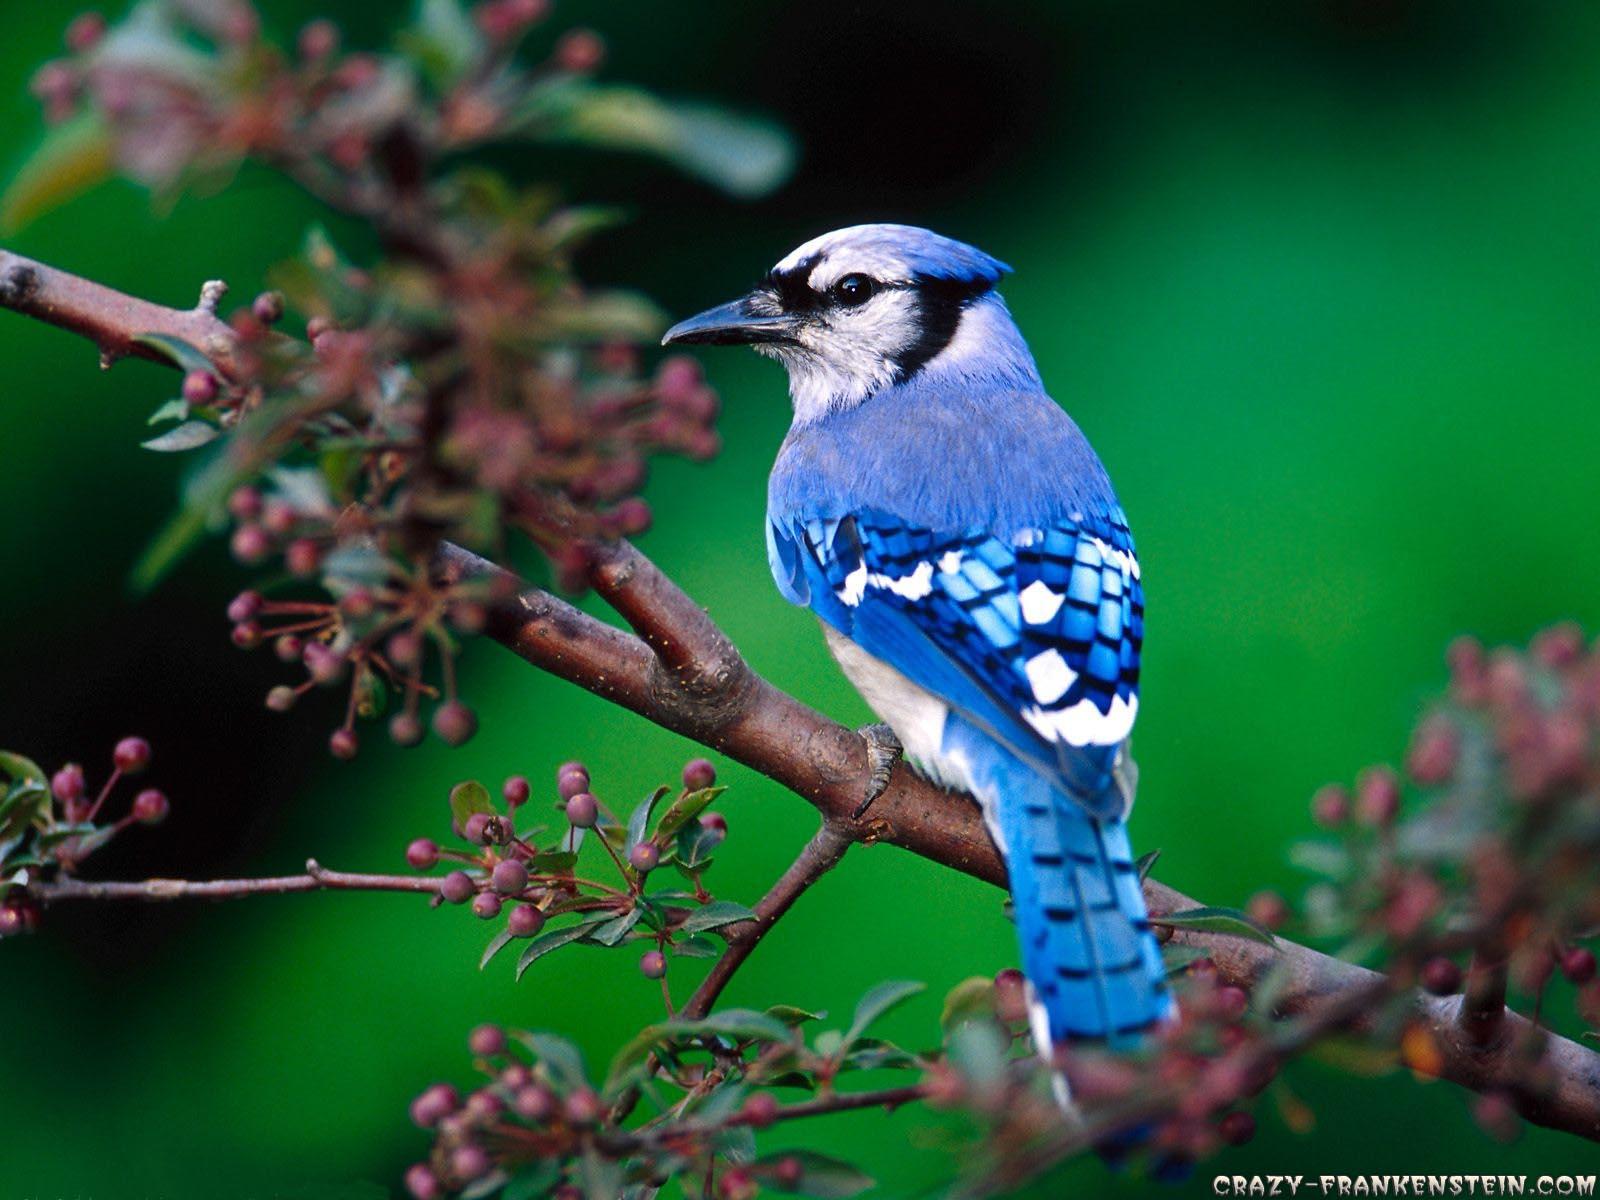 Wallpapers Birds Wallpaper Blue Bird Wallpaper Wallpapers 1600x1200